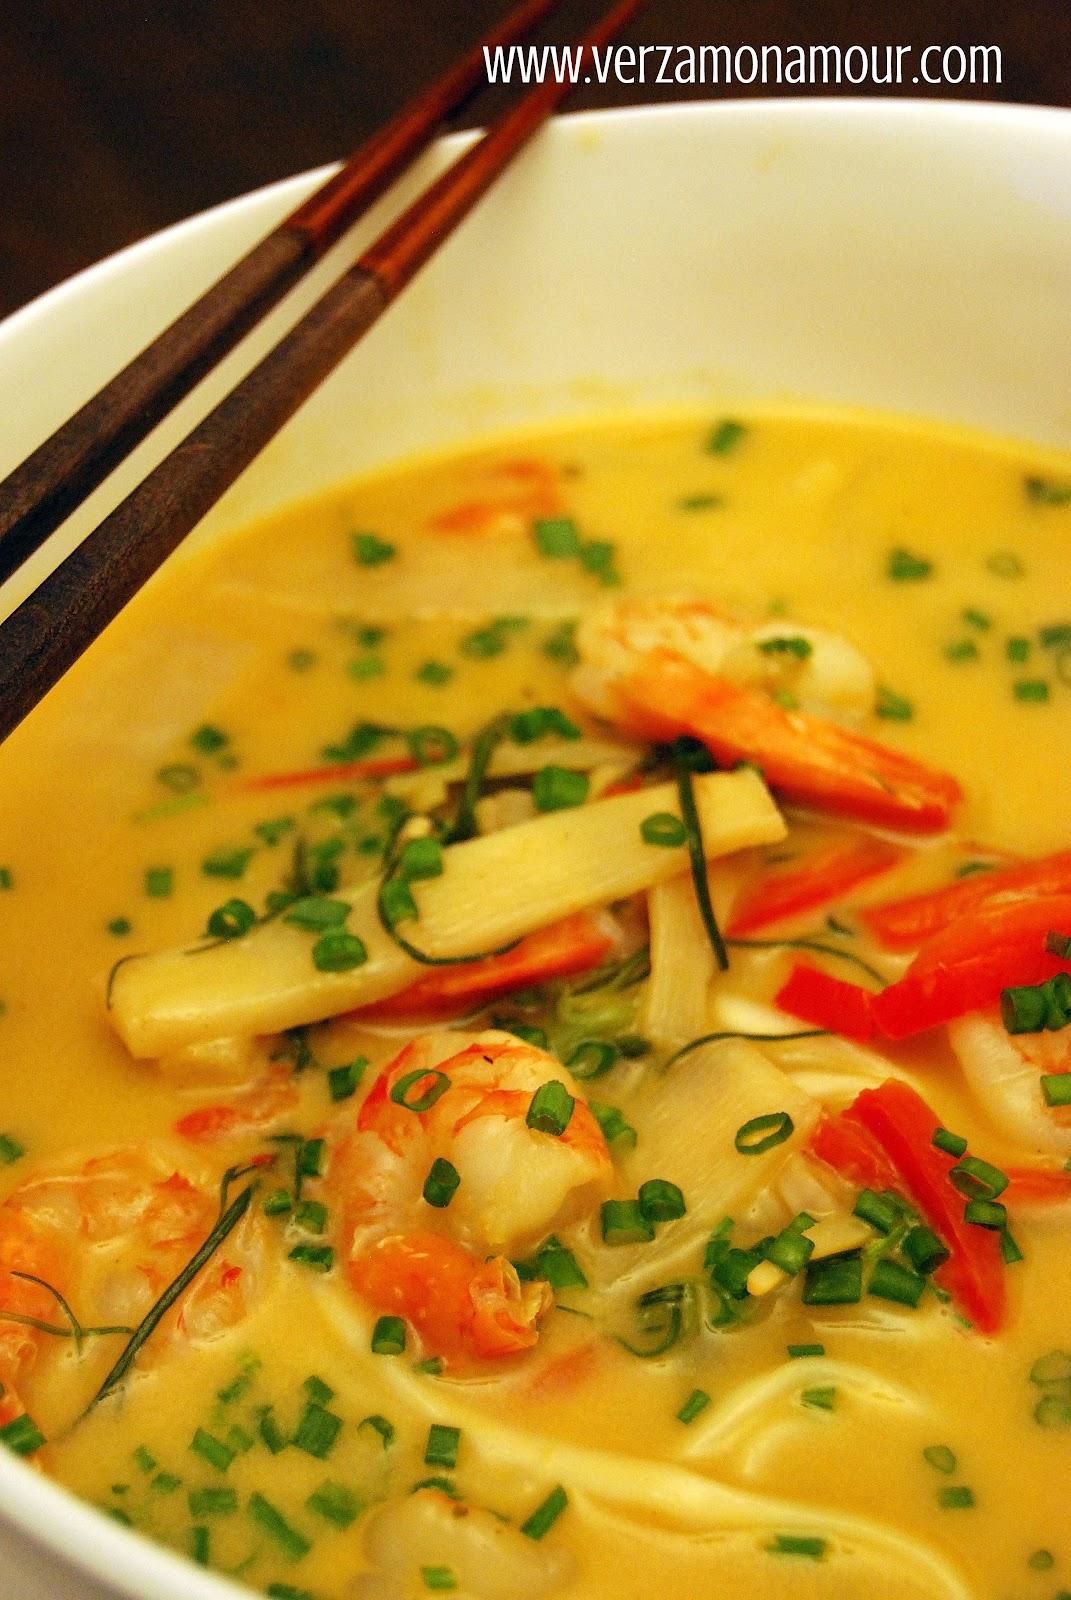 Ricetta Zuppa Thai Con Gamberi.Laksa Ai Gamberi Zuppa Thai Al Curry E Latte Di Cocco Ricette Di Cucina Le Ricette Di Verzamonamour Com